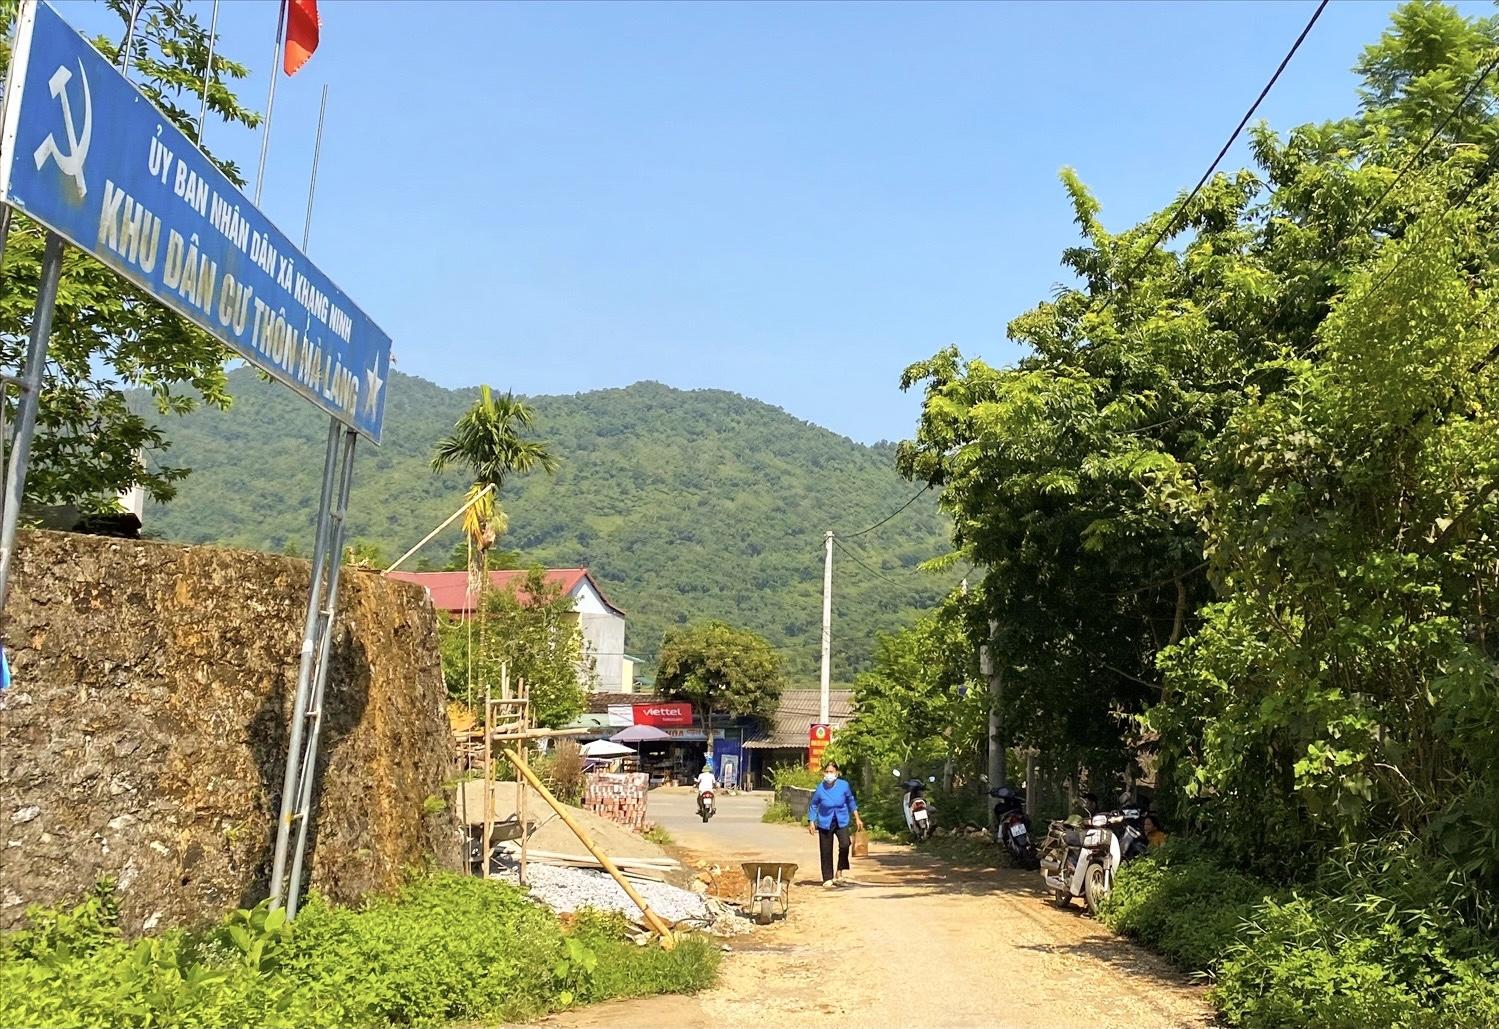 Xây dựng Nông thôn mới vùng ĐBKK giai đoạn 2021-2025 - Hành trình chông gai: Những giải pháp khả thi (Bài 2)